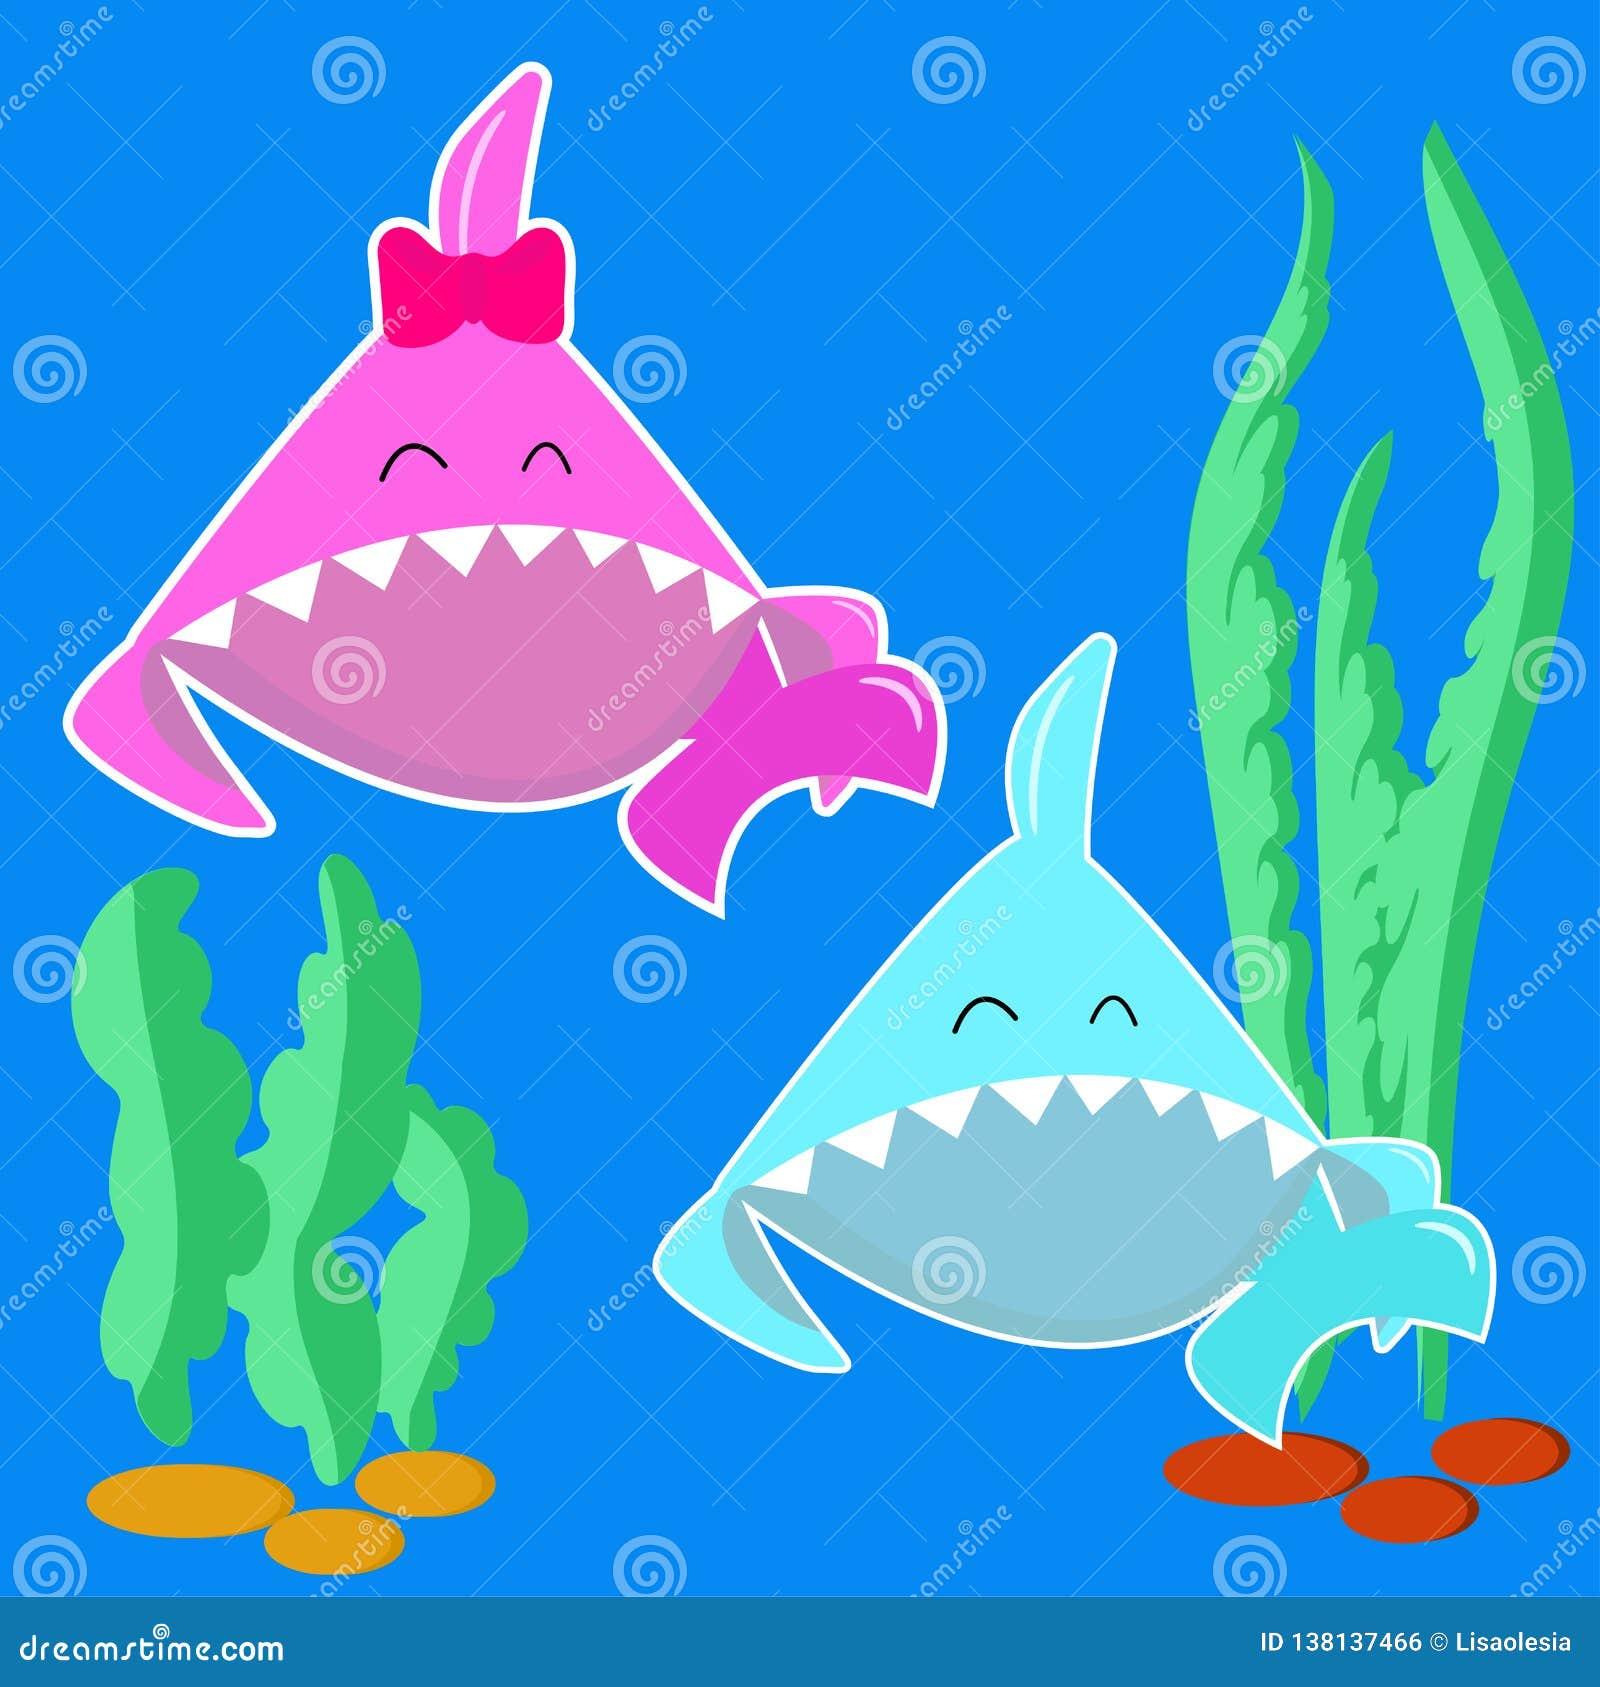 Menino do tubarão do bebê azul e menina cor-de-rosa do tubarão do bebê caráter dos peixes dos desenhos animados isolado no fundo